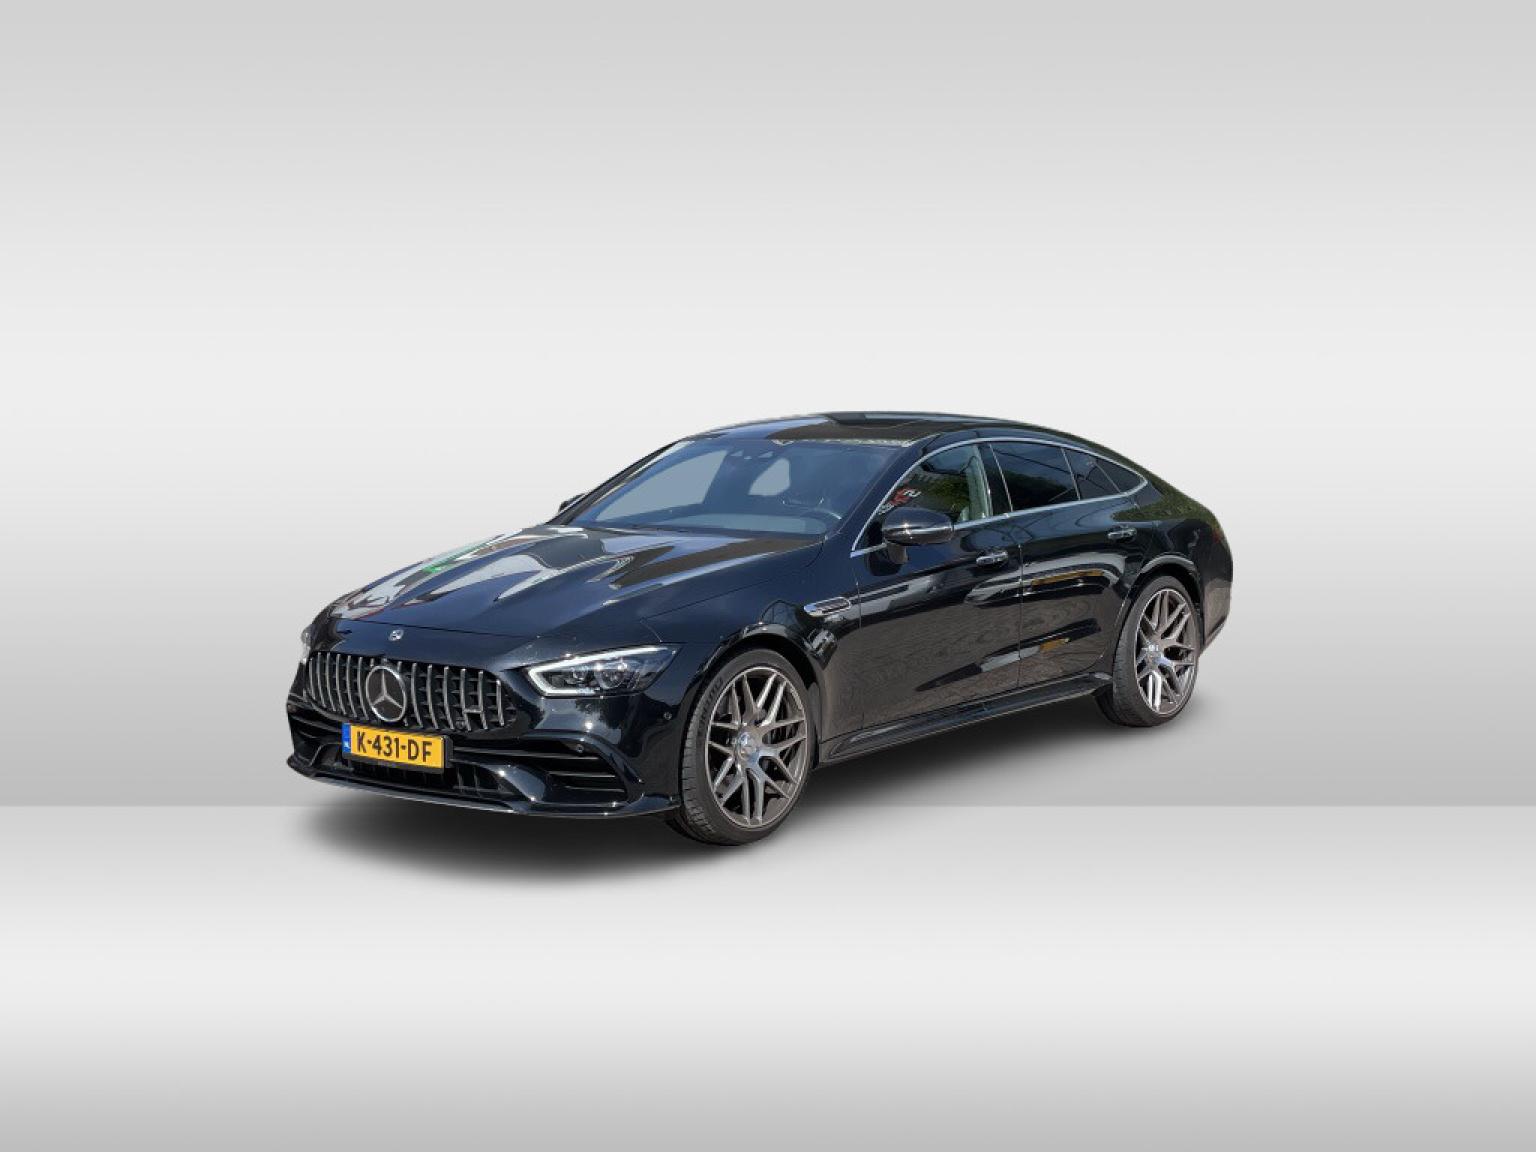 Mercedes-Benz-AMG GT 4-Door Coupe-20